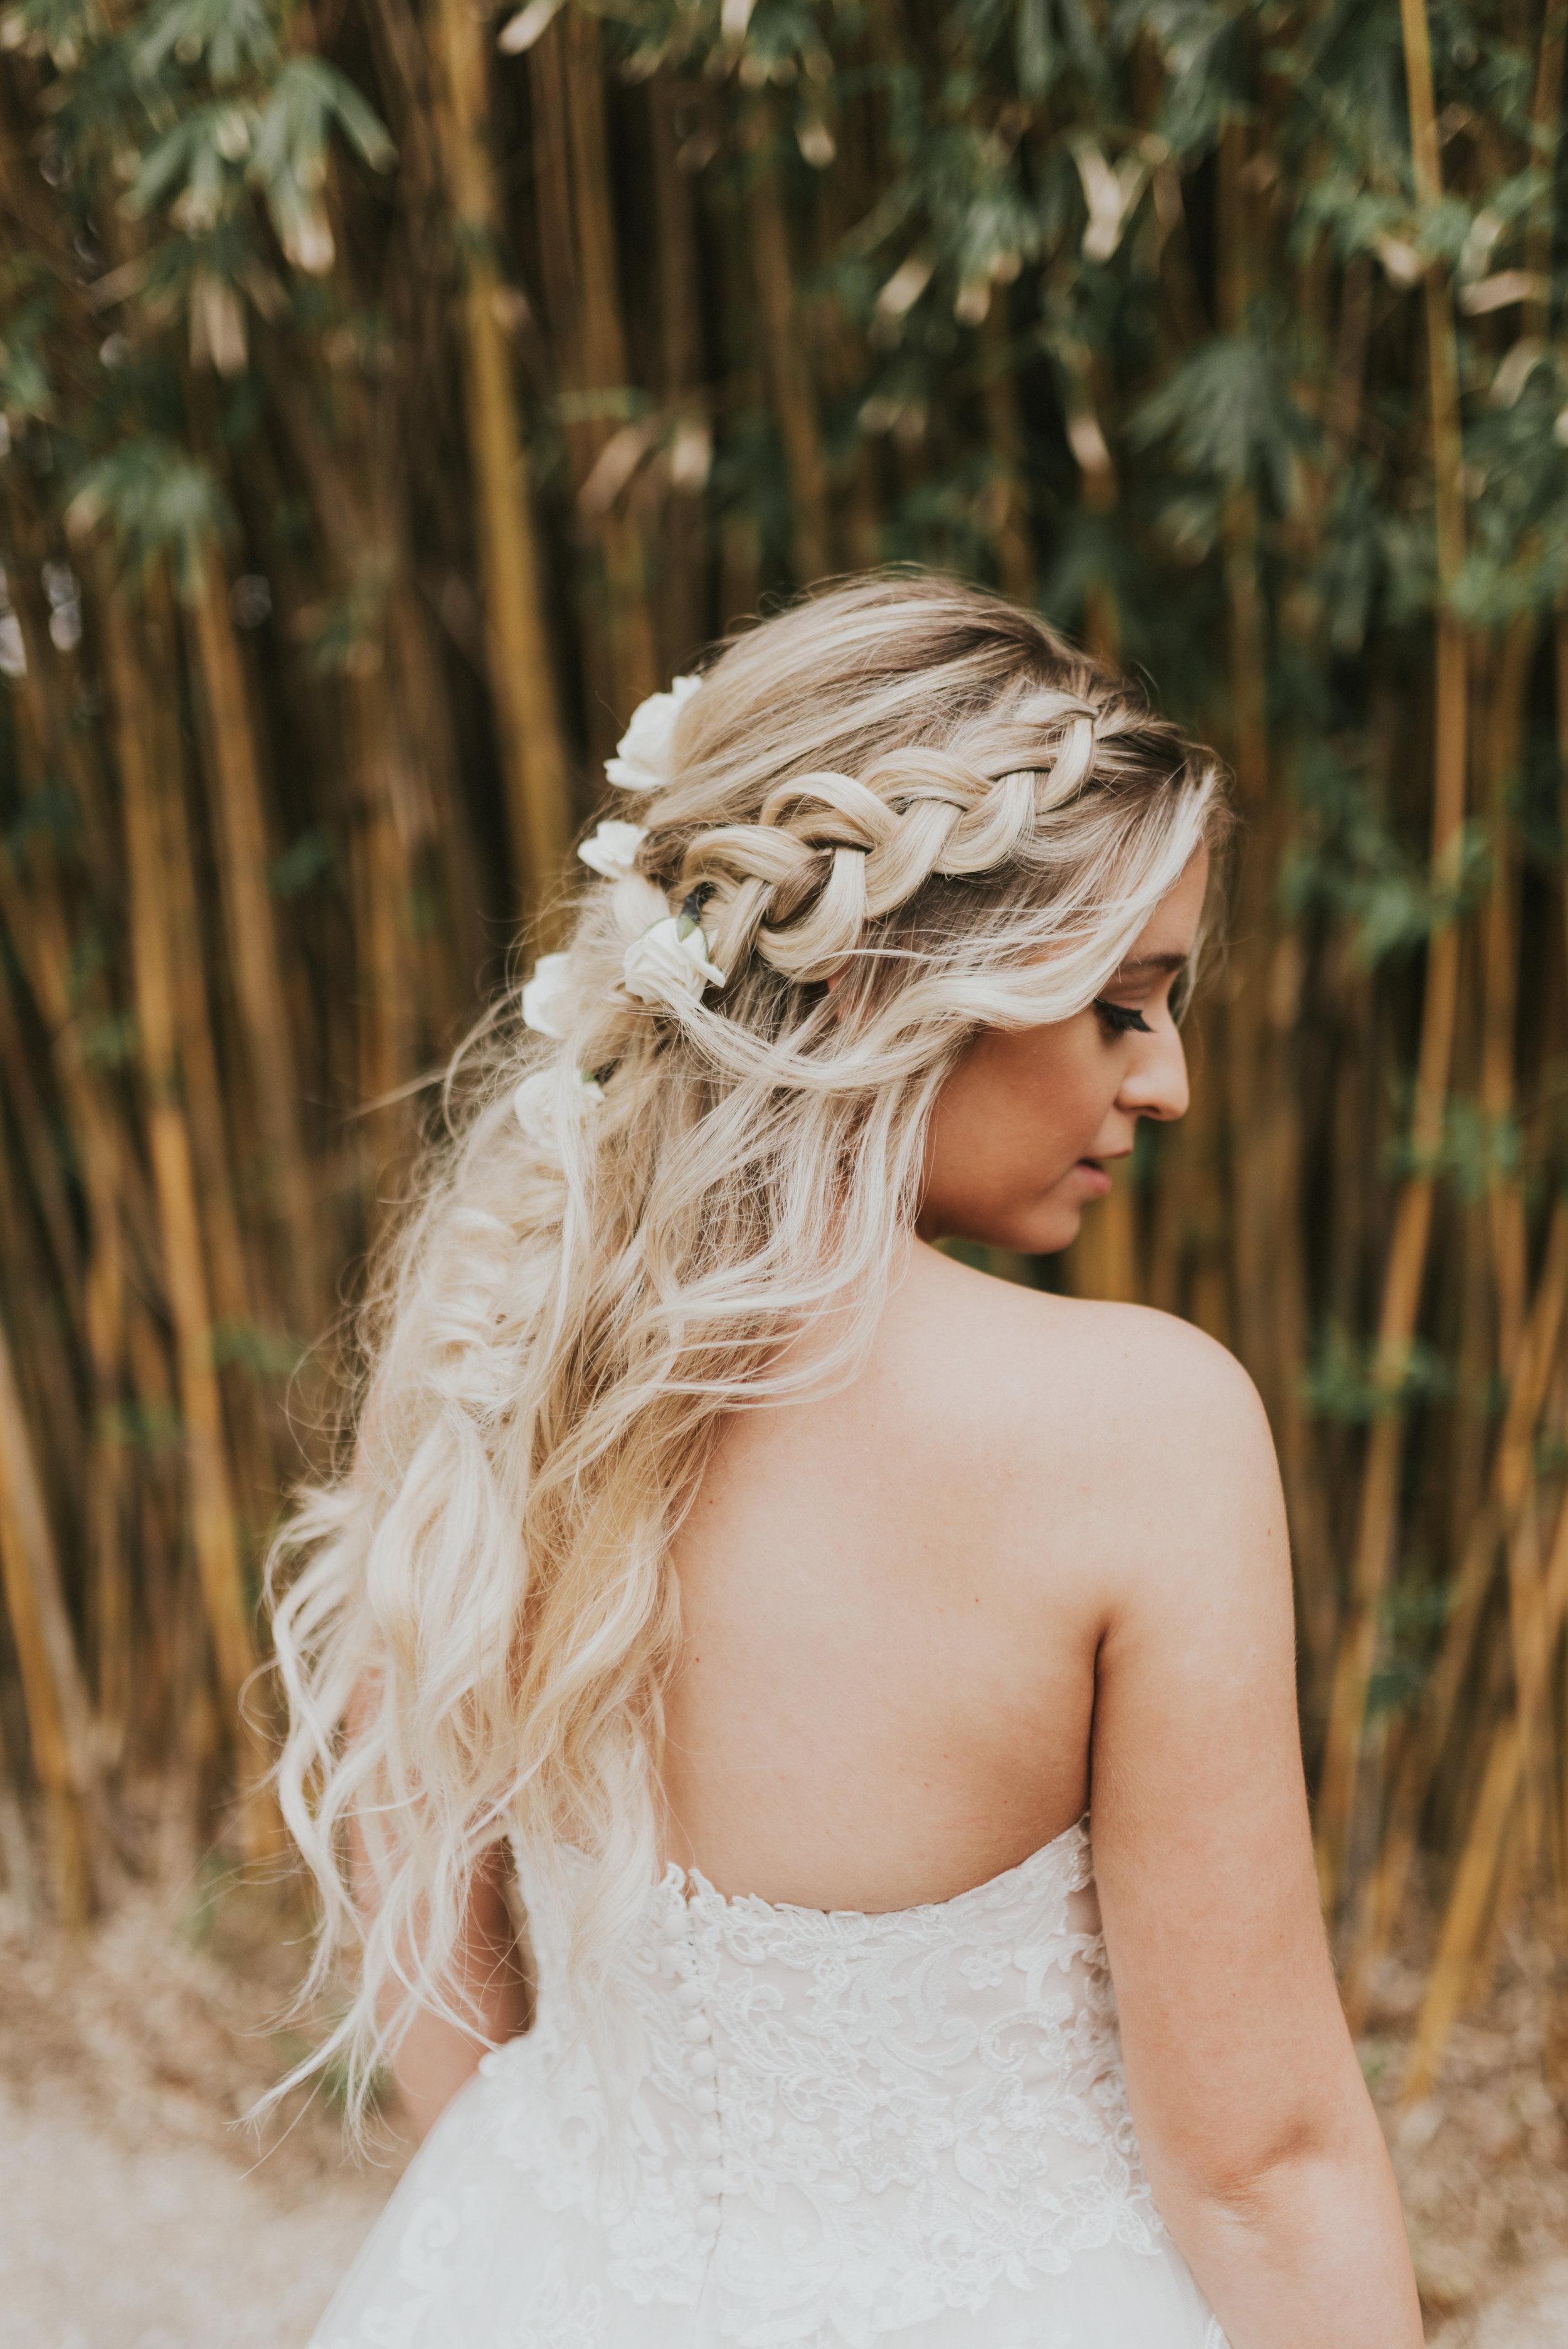 Southern Fete, Southern Wedding, The Cut House Salon, Jen Menard Photo